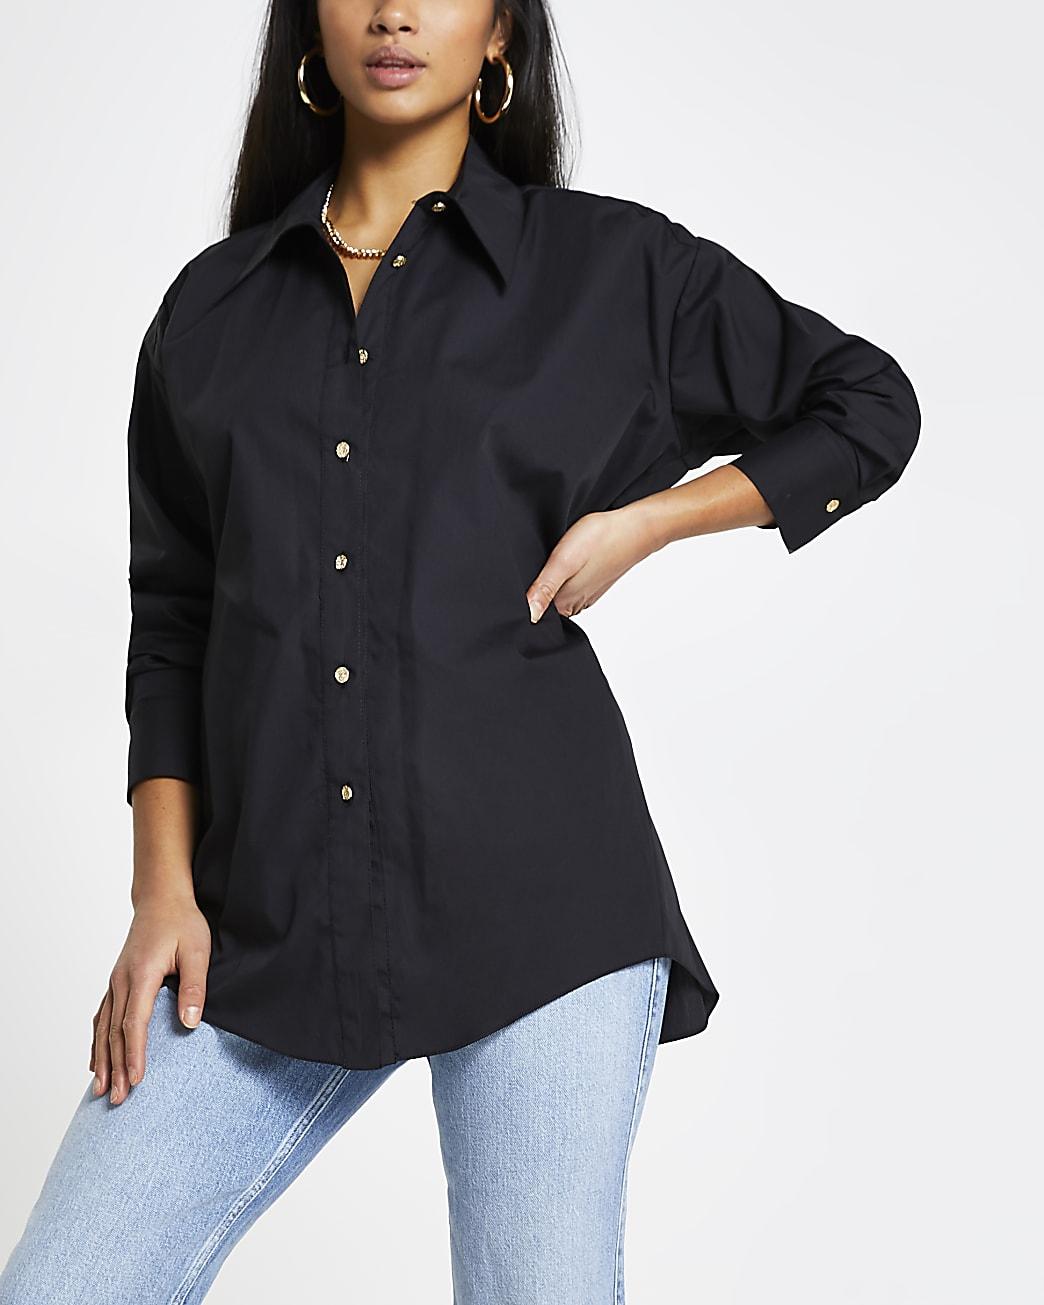 Petite black open back shirt